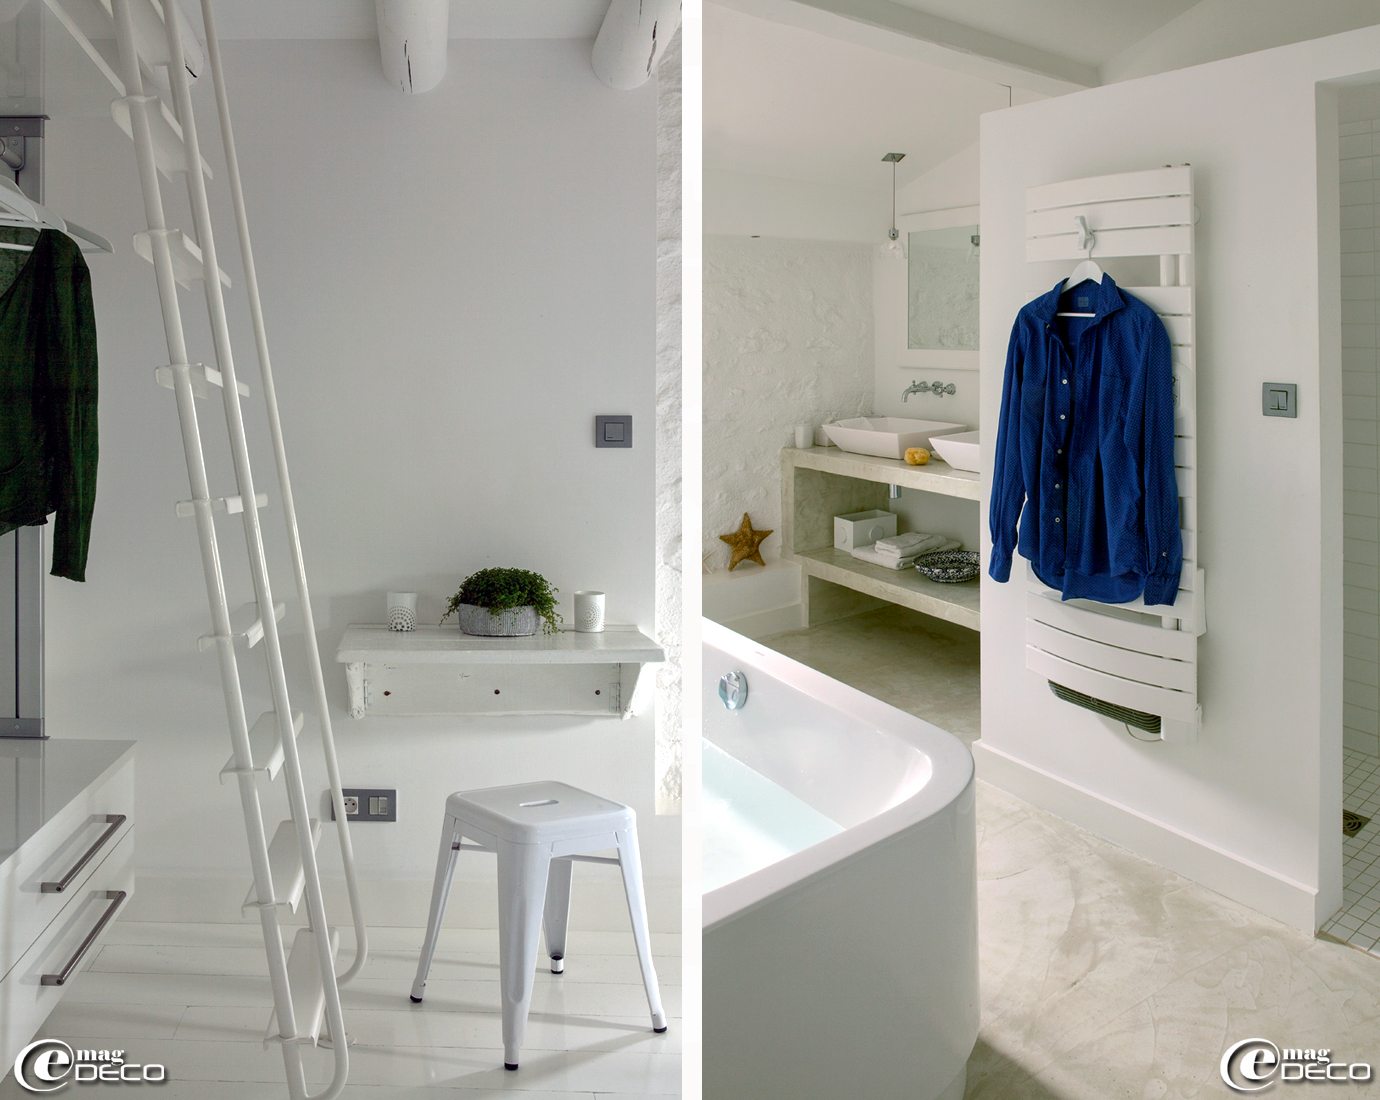 Dans une chambre de la maison d'hôtes de charme 'La Bergerie de Nano', dressing 'Cuisinella' laqué blanc, tabouret blanc Tolix, baignoire signée 'Starck' pour 'Duravit' et sol recouvert d'un enduit 'Mortex® Color'